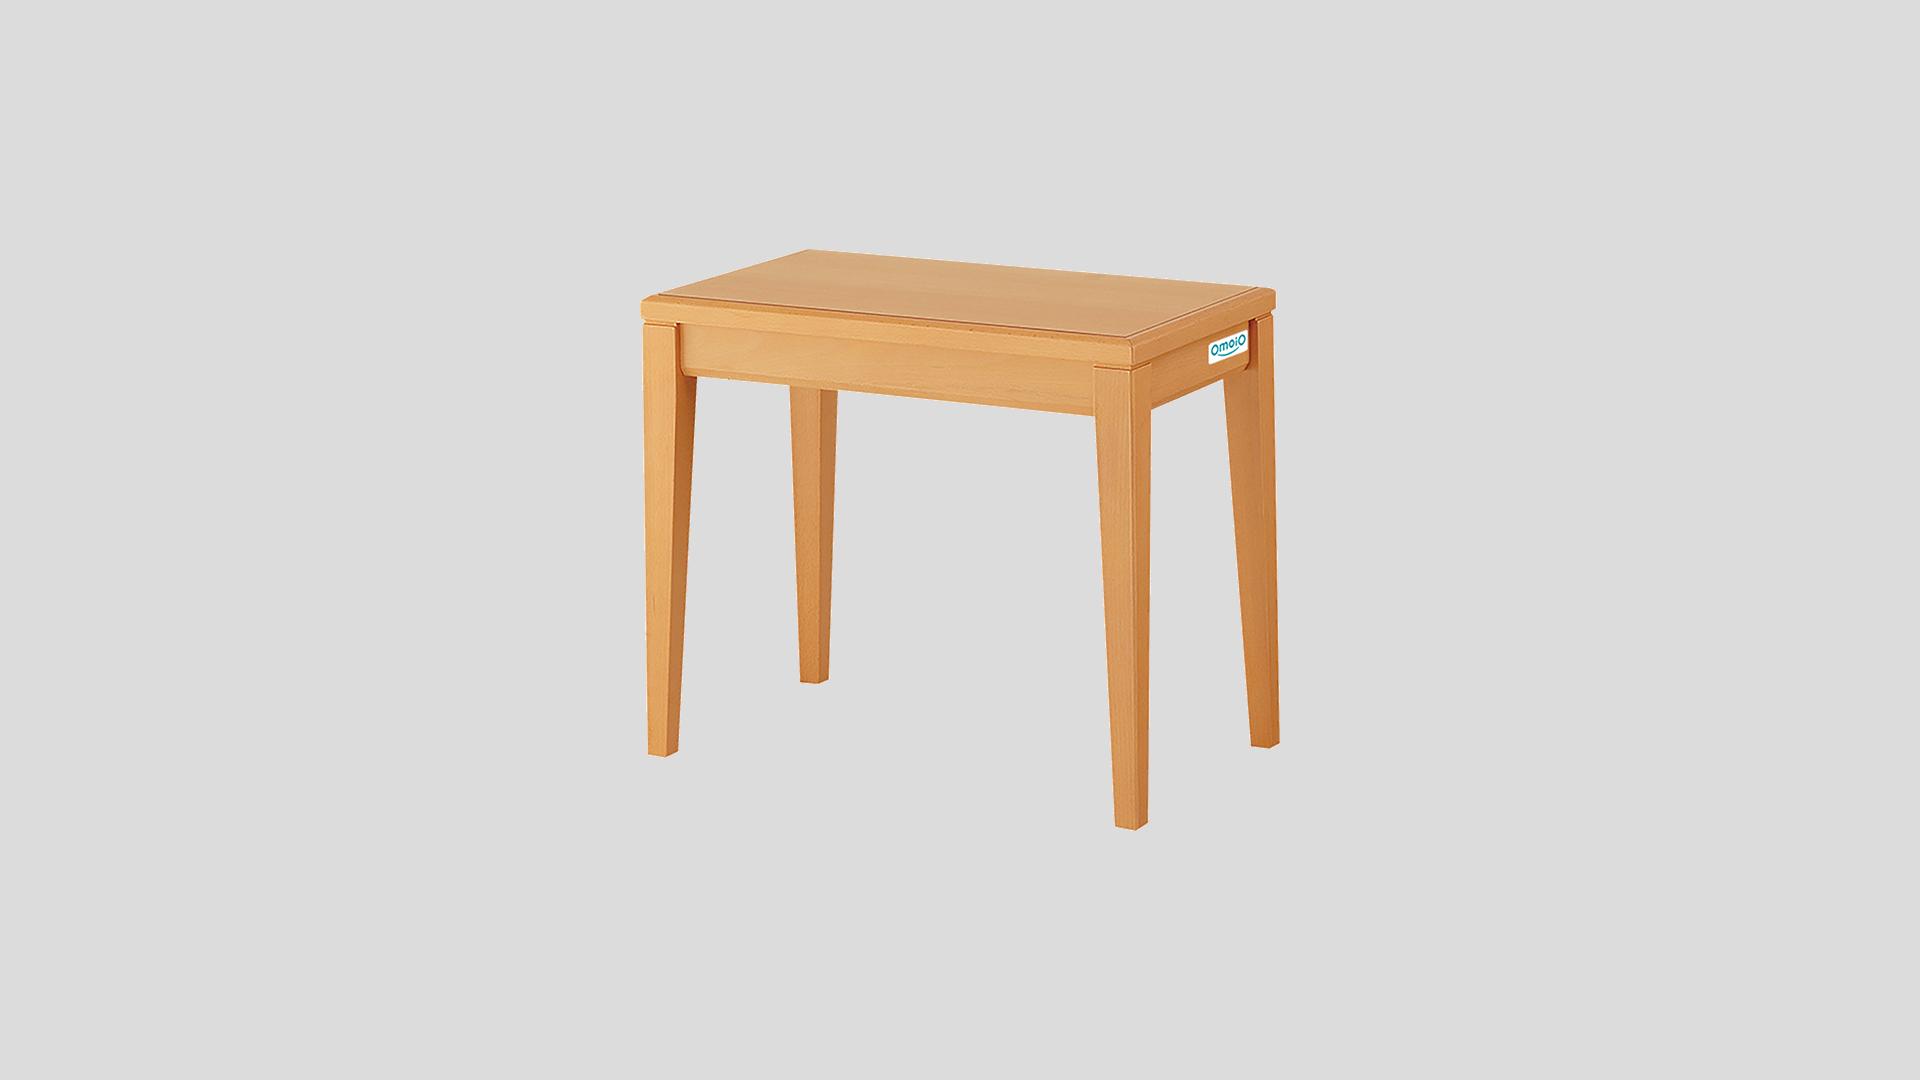 ベビールーム サイドテーブル イメージ